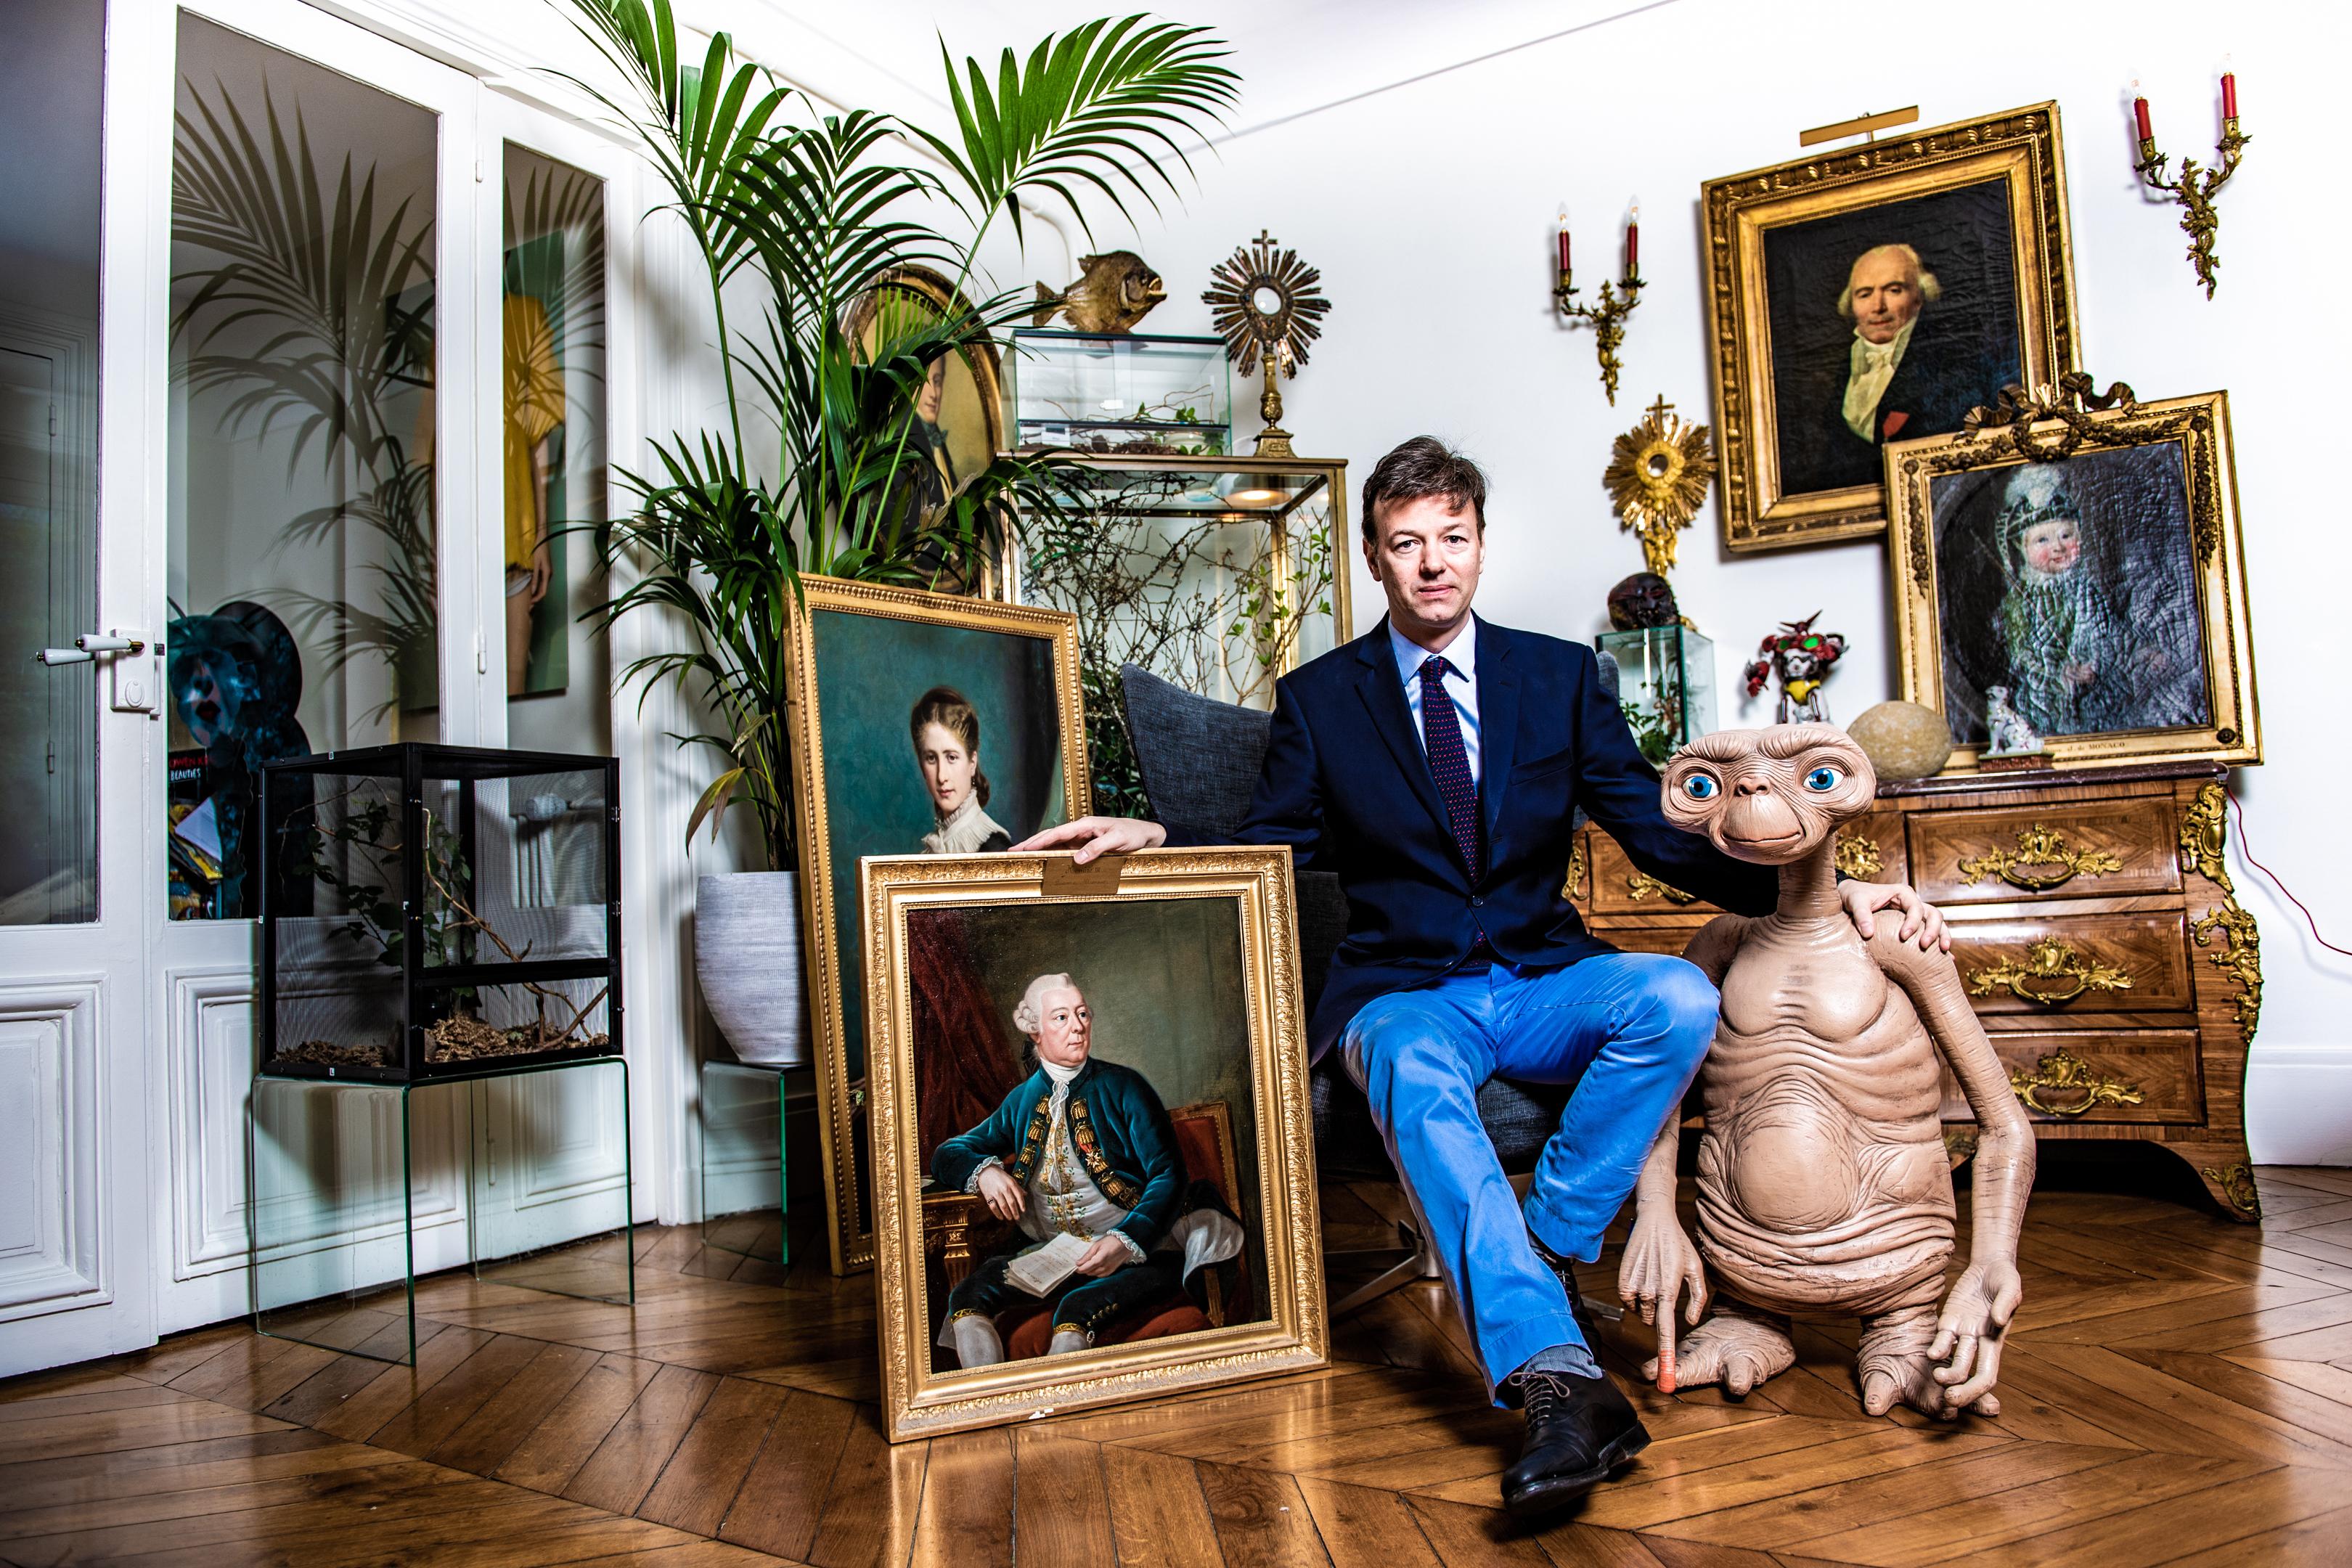 PARIS, Interview Et Portrait De Louis De Causans Et Son épouse Qui Conteste La Succession Monegasque.GOLINVAUX MATHIEU./SOIRMAG